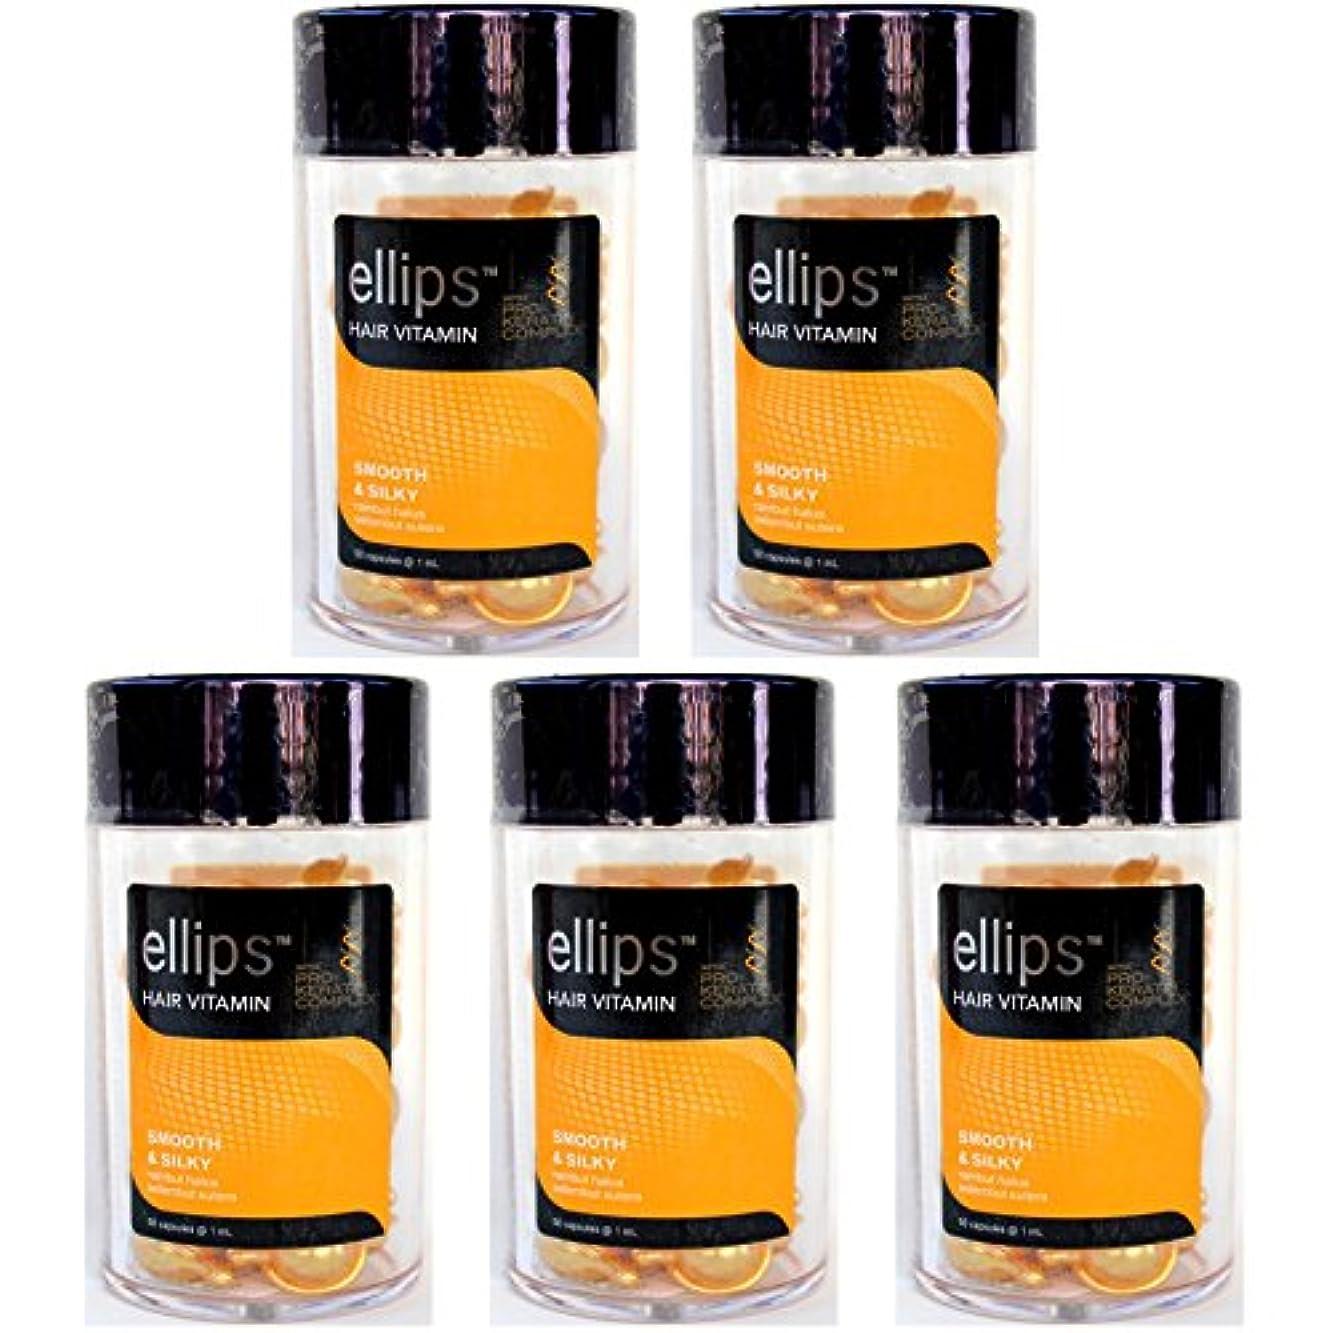 テラス落ち着いて道を作るellips エリプス Hair Vitamin ヘア ビタミン Pro-Keratin Complex プロケラチン配合 SMOOTH & SILKY イエロー ボトル(50粒入) × 5本 セット [並行輸入品][海外直送品]